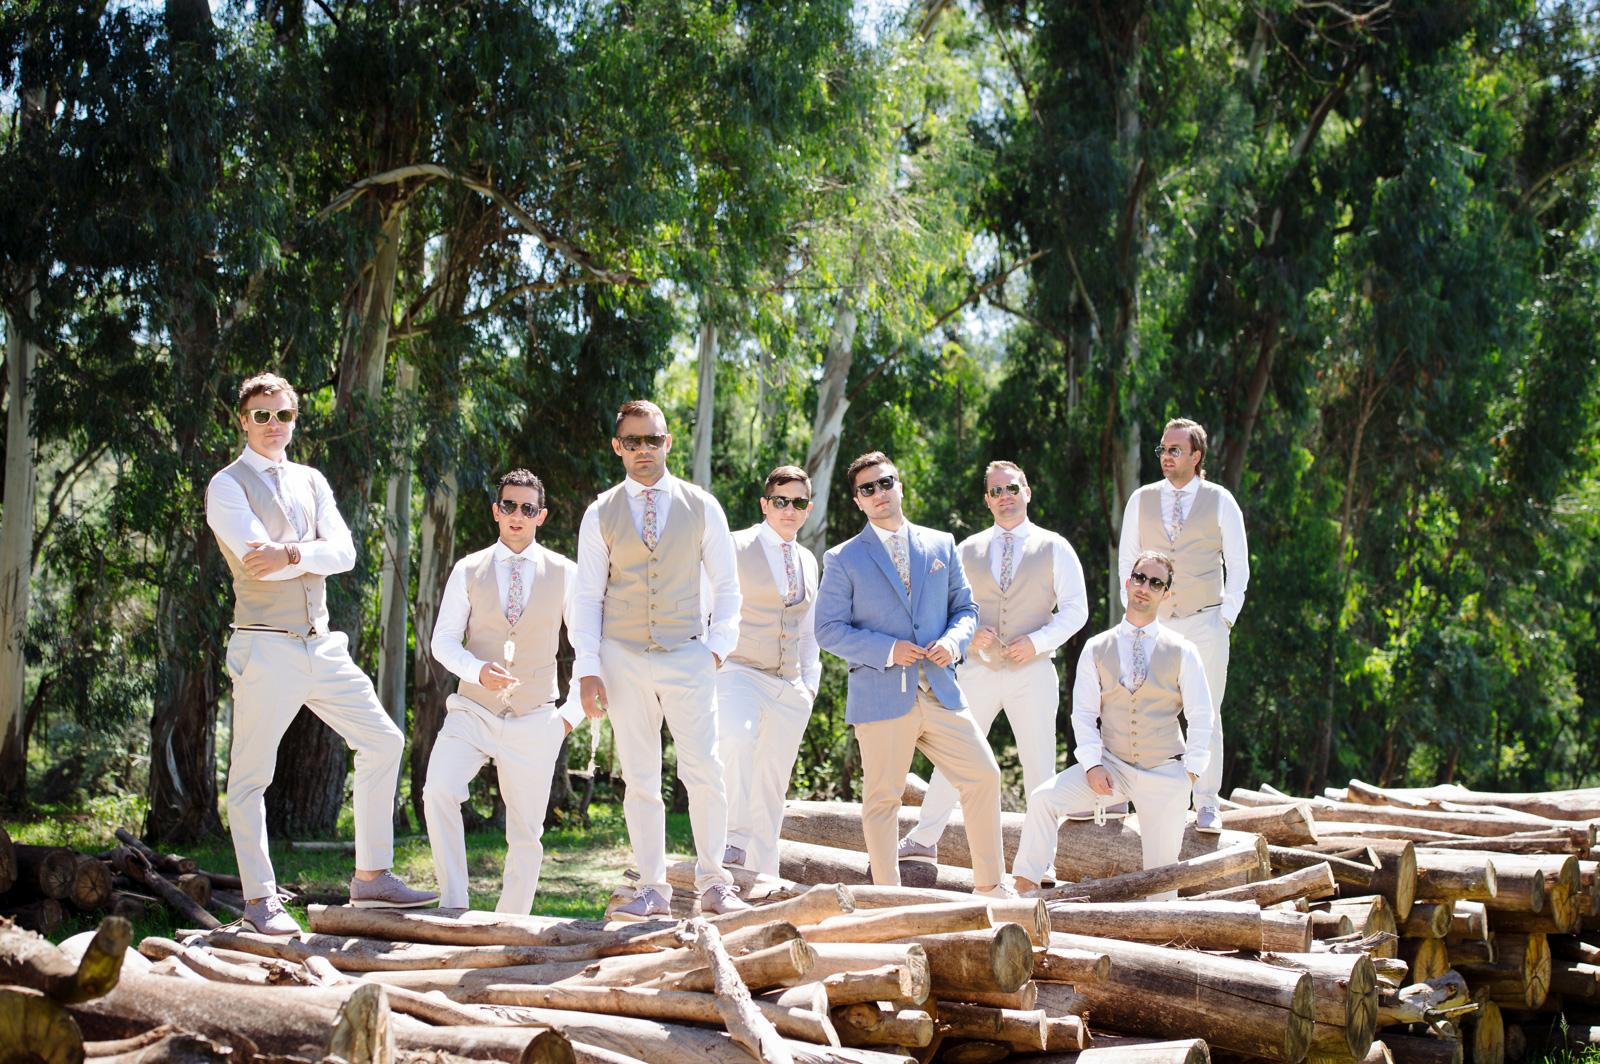 Netherwood Greek Documentary Wedding Photography Groom